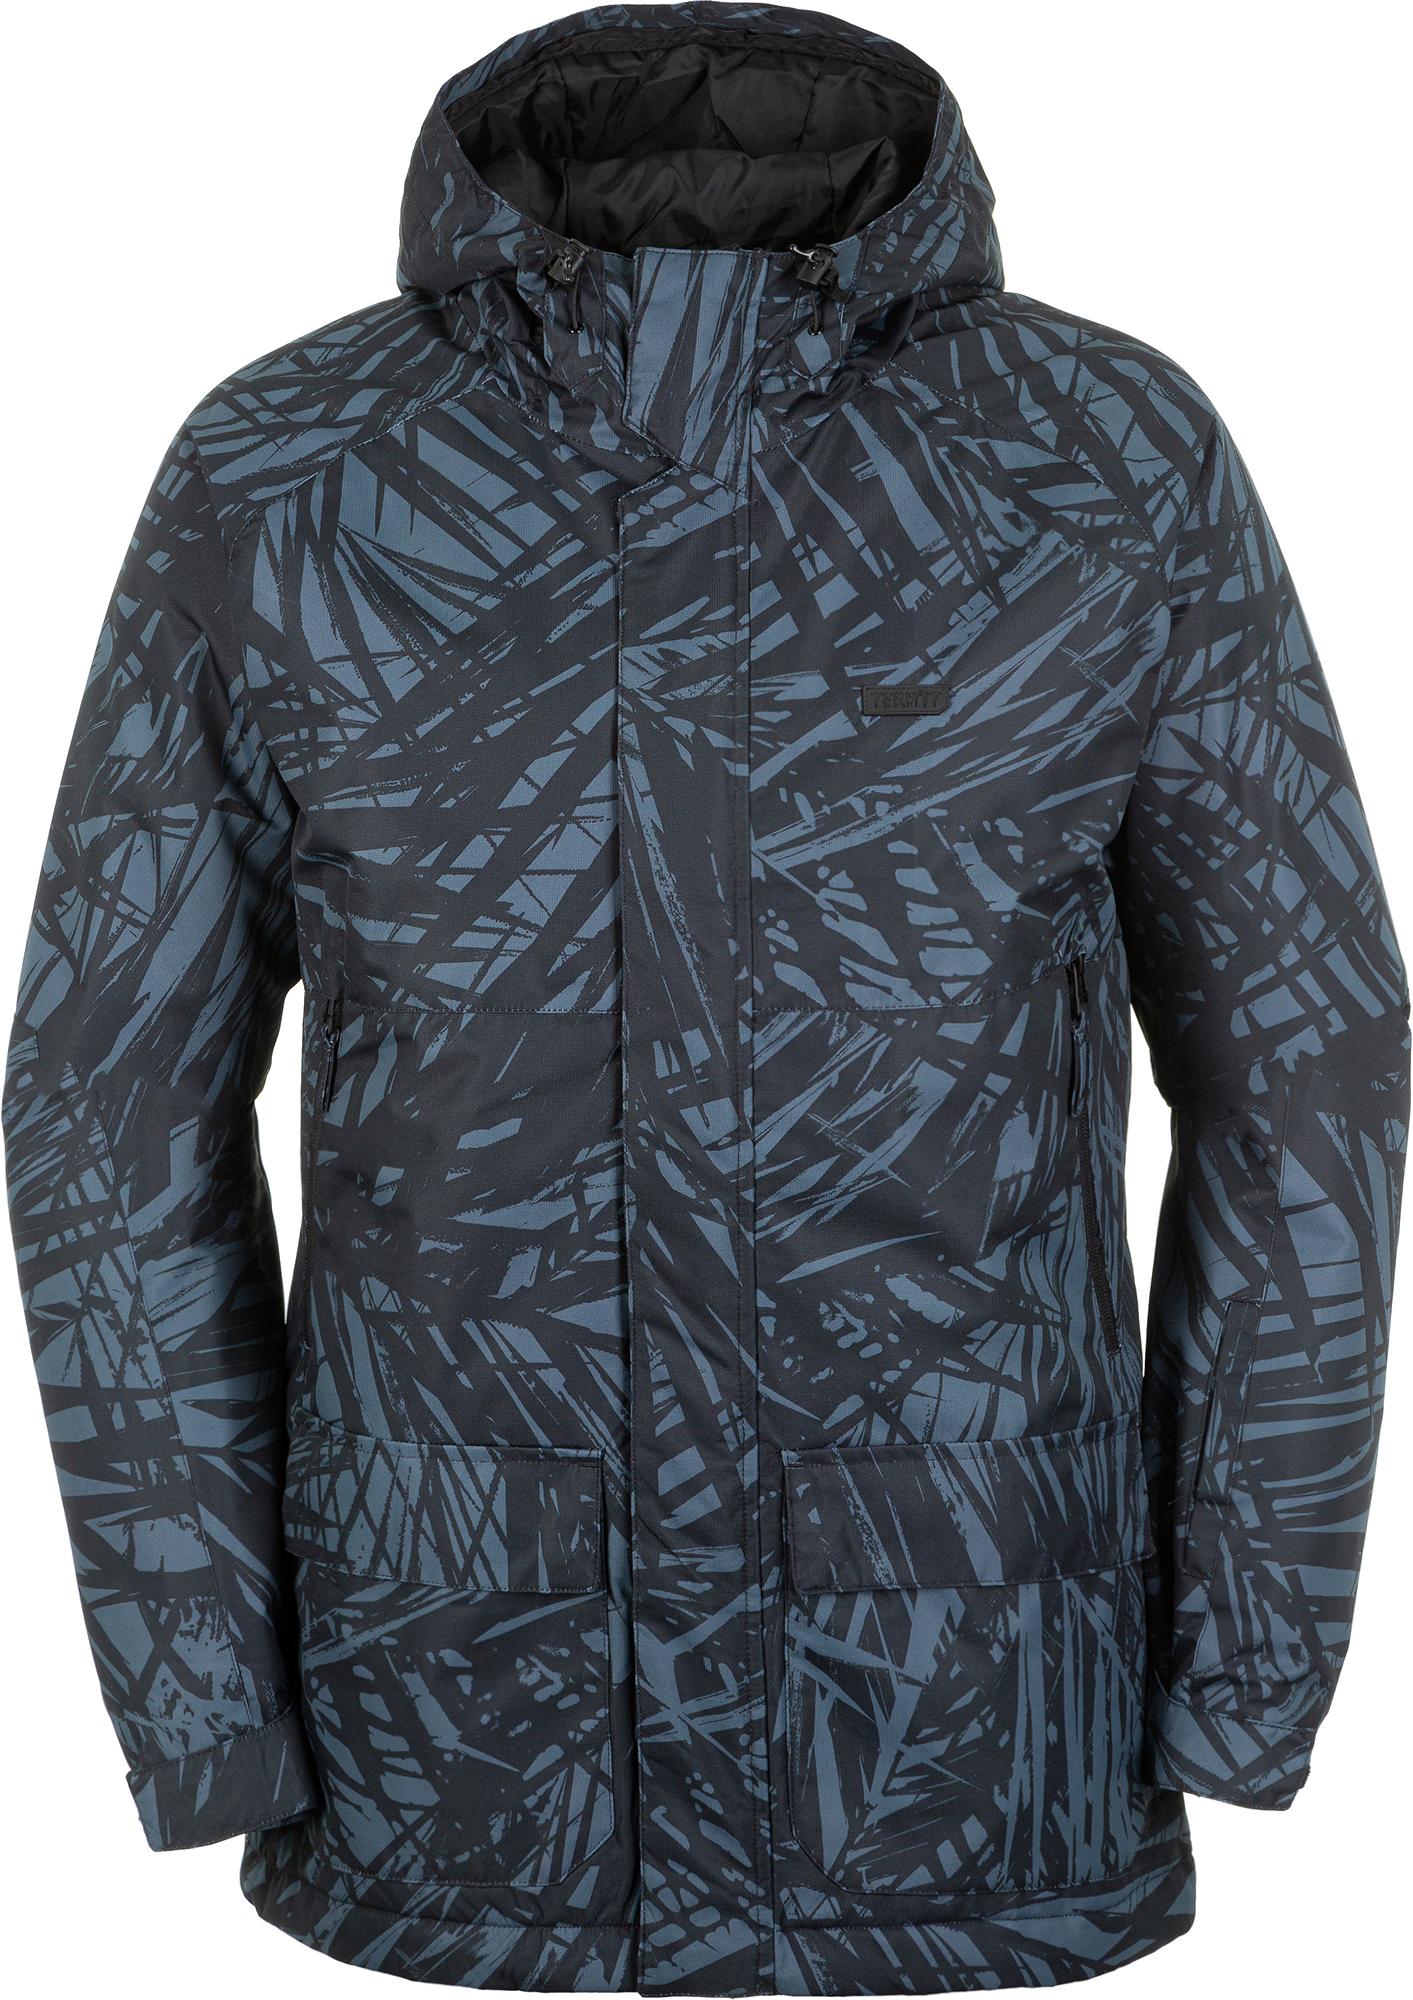 Termit Куртка утепленная мужская Termit, размер 54